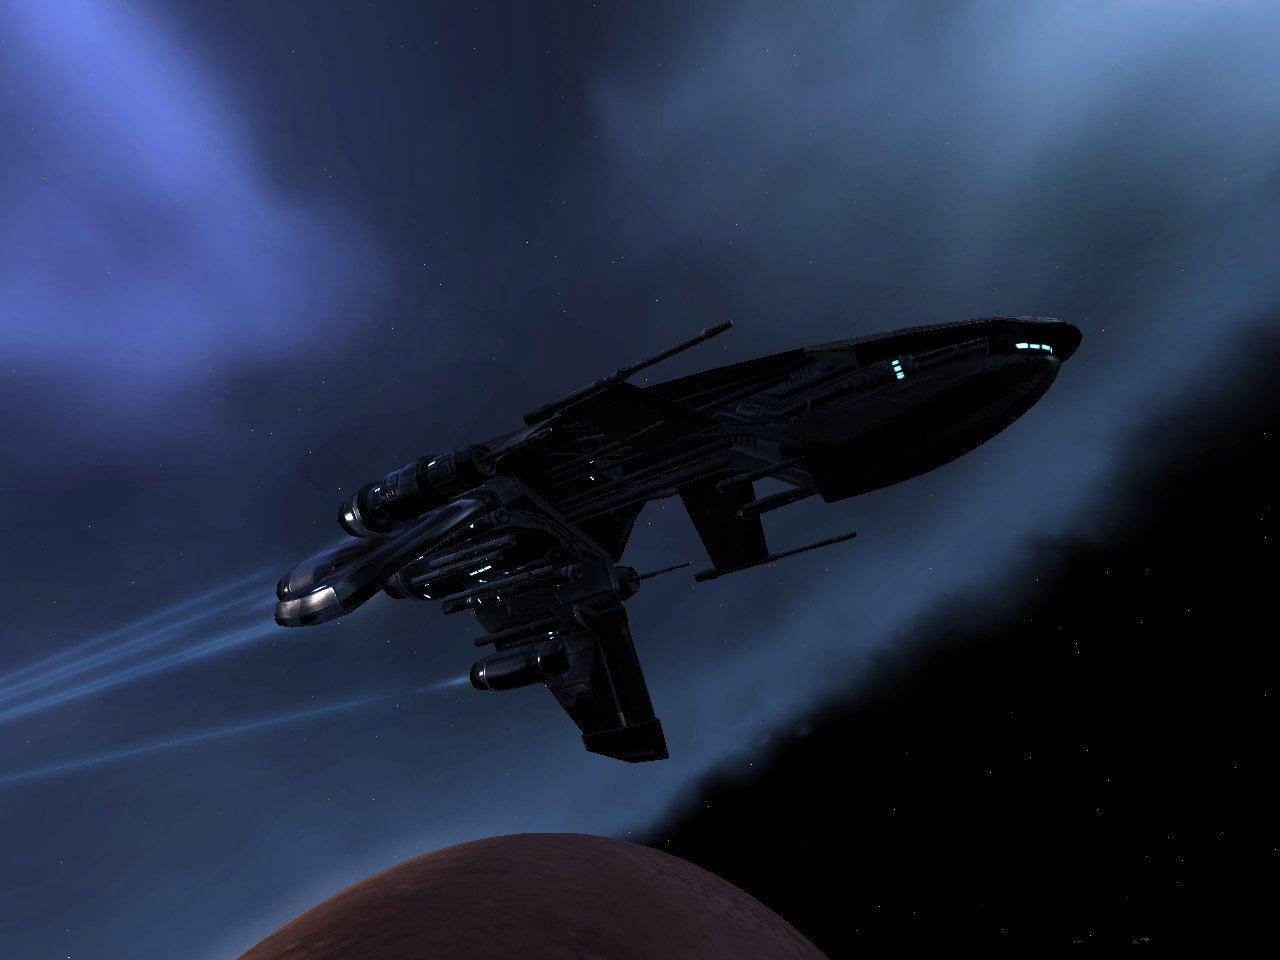 EVE Online (PC) Amarr-vengeance-3